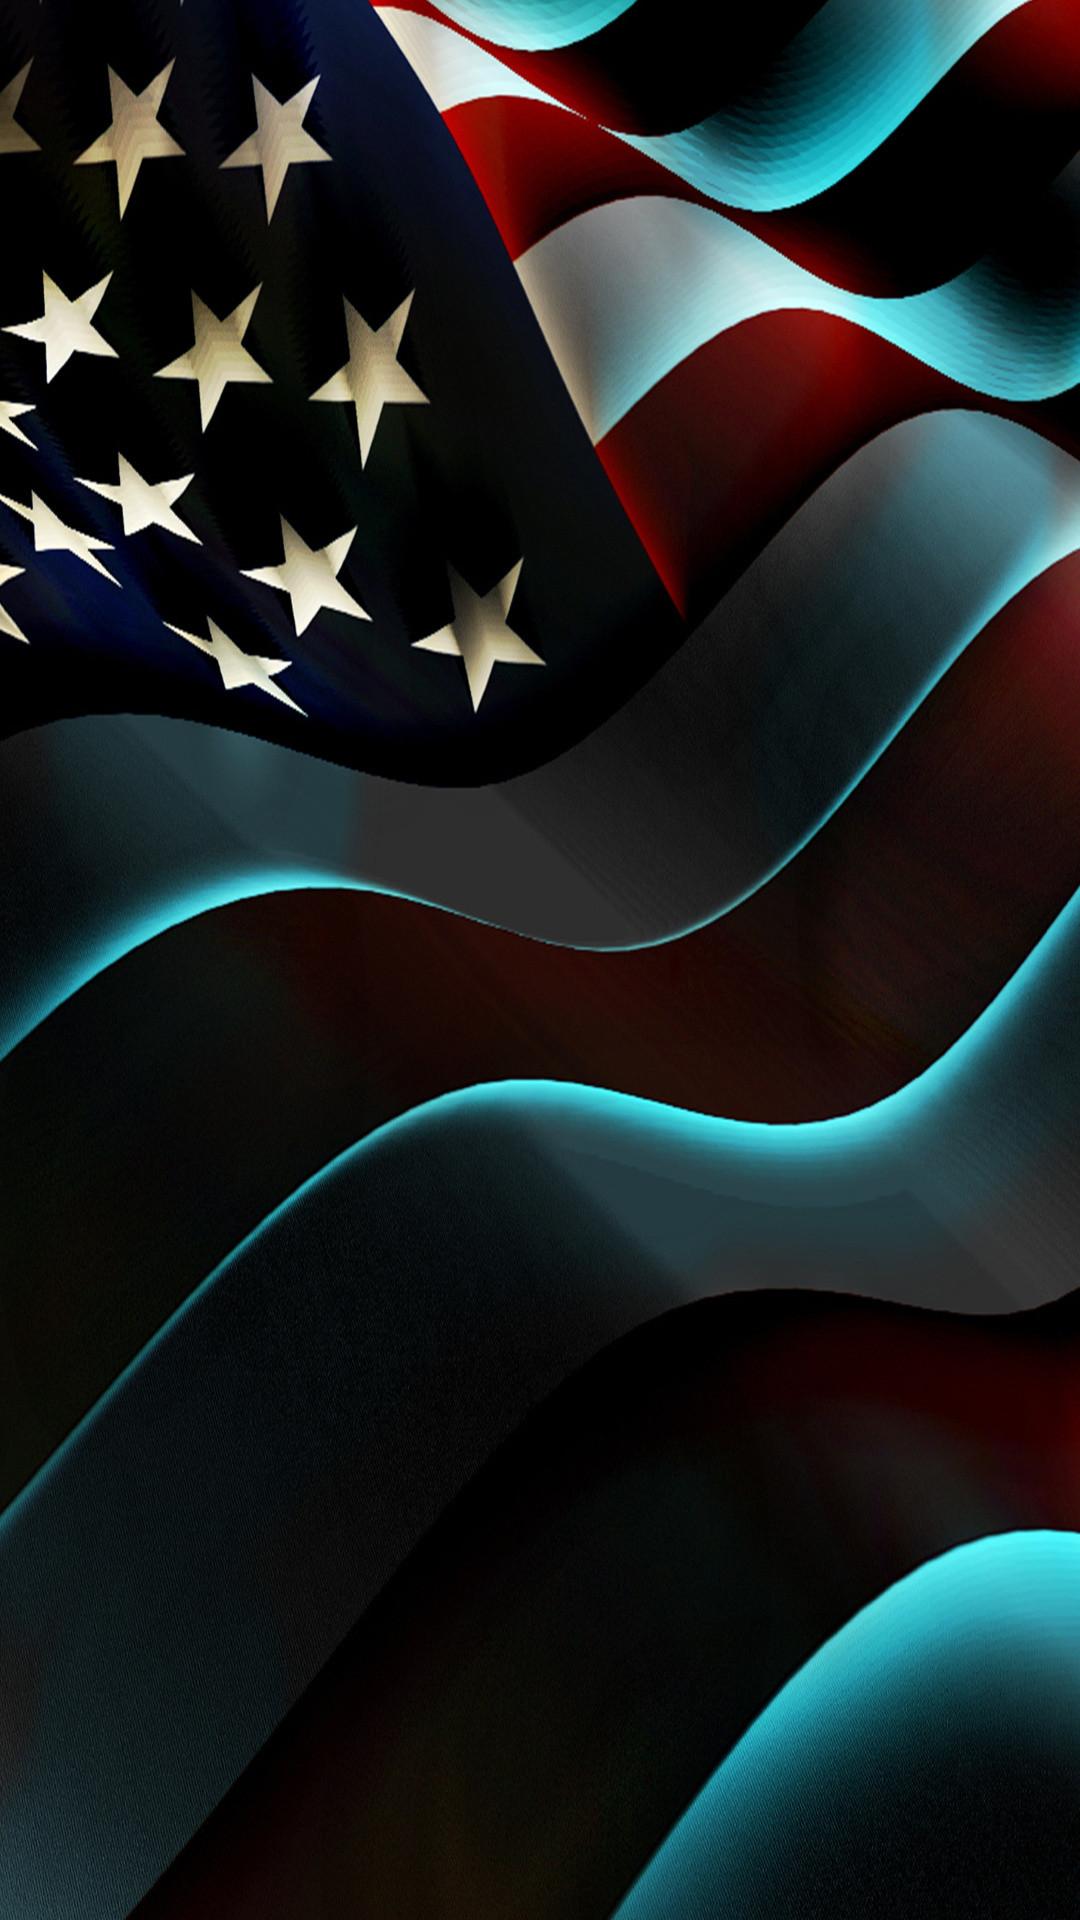 USA Flag Mobile HD Wallpaper